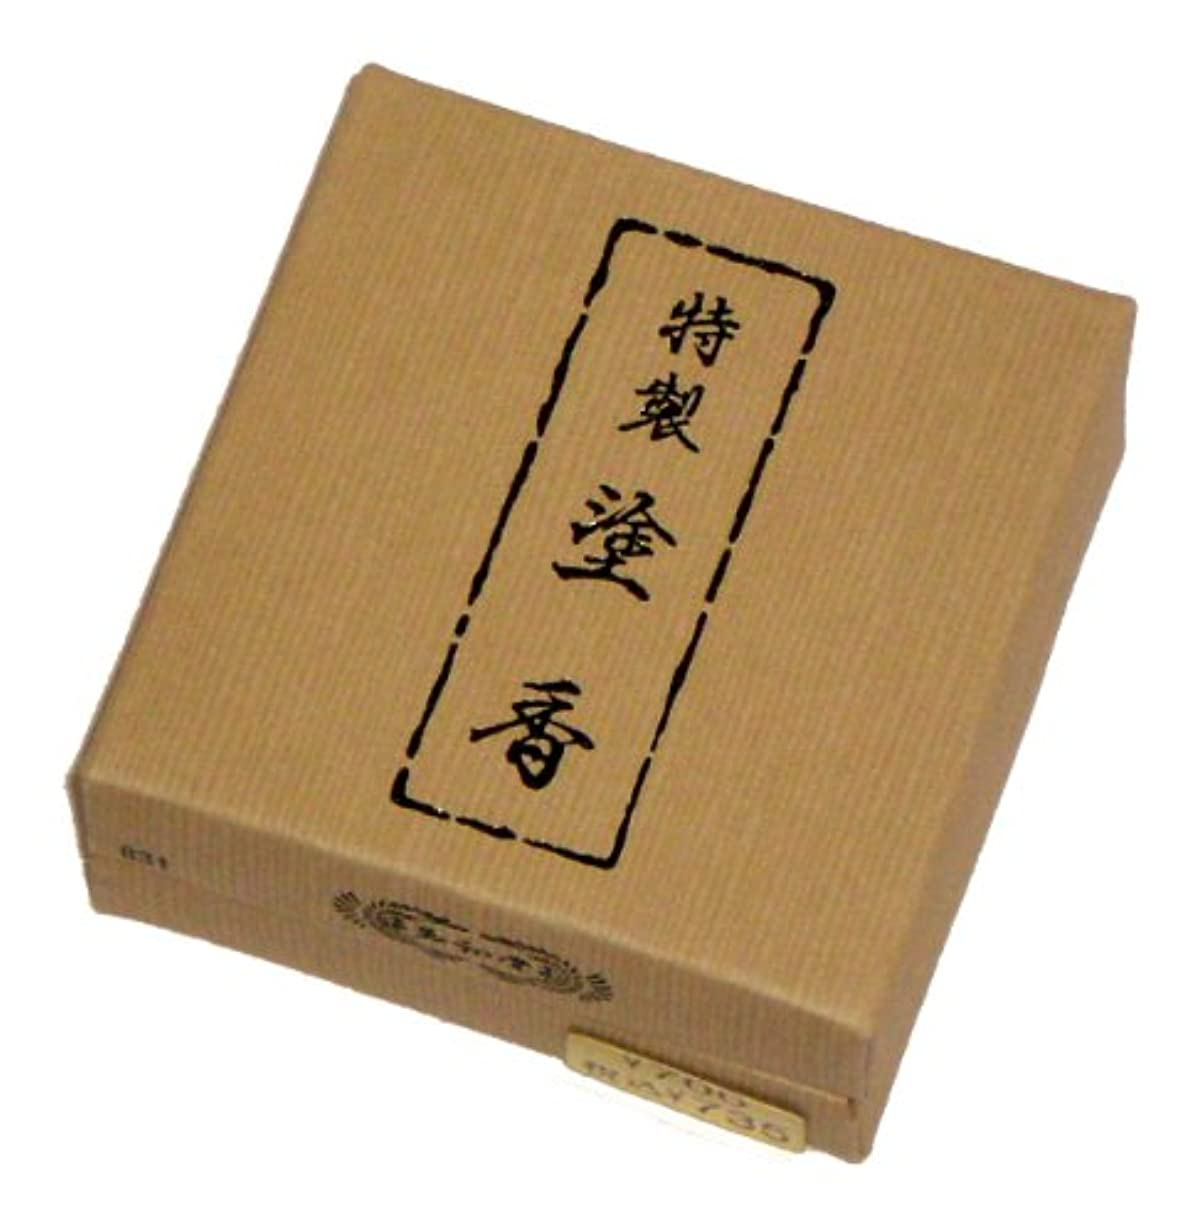 申込み溶融退屈させる玉初堂のお香 特製塗香 15g 紙箱 #831